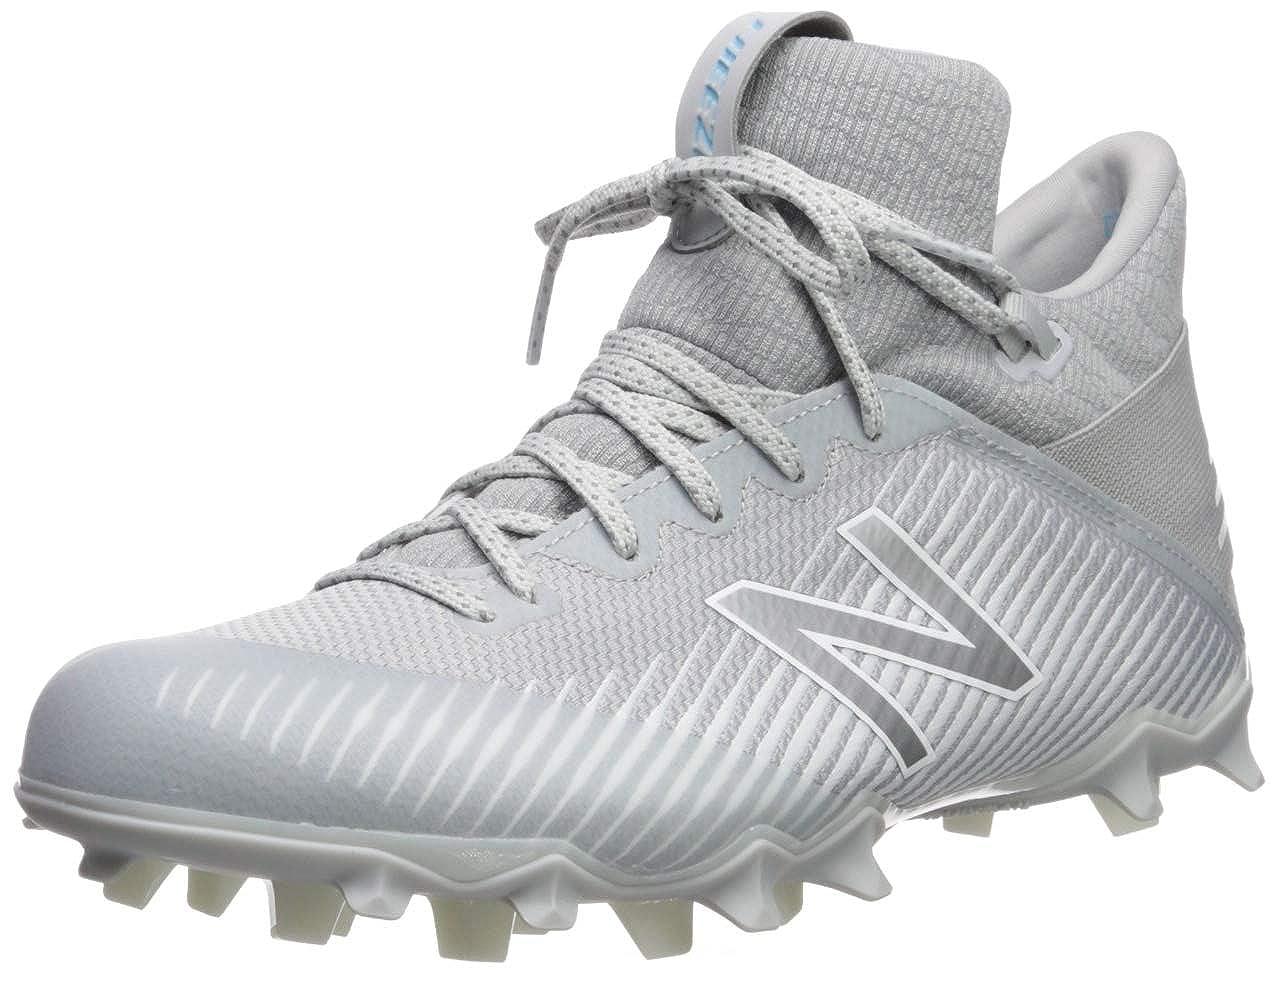 d832ed5ce Amazon.com | New Balance Men's Freeze V2 Agility Lacrosse Shoe | Shoes